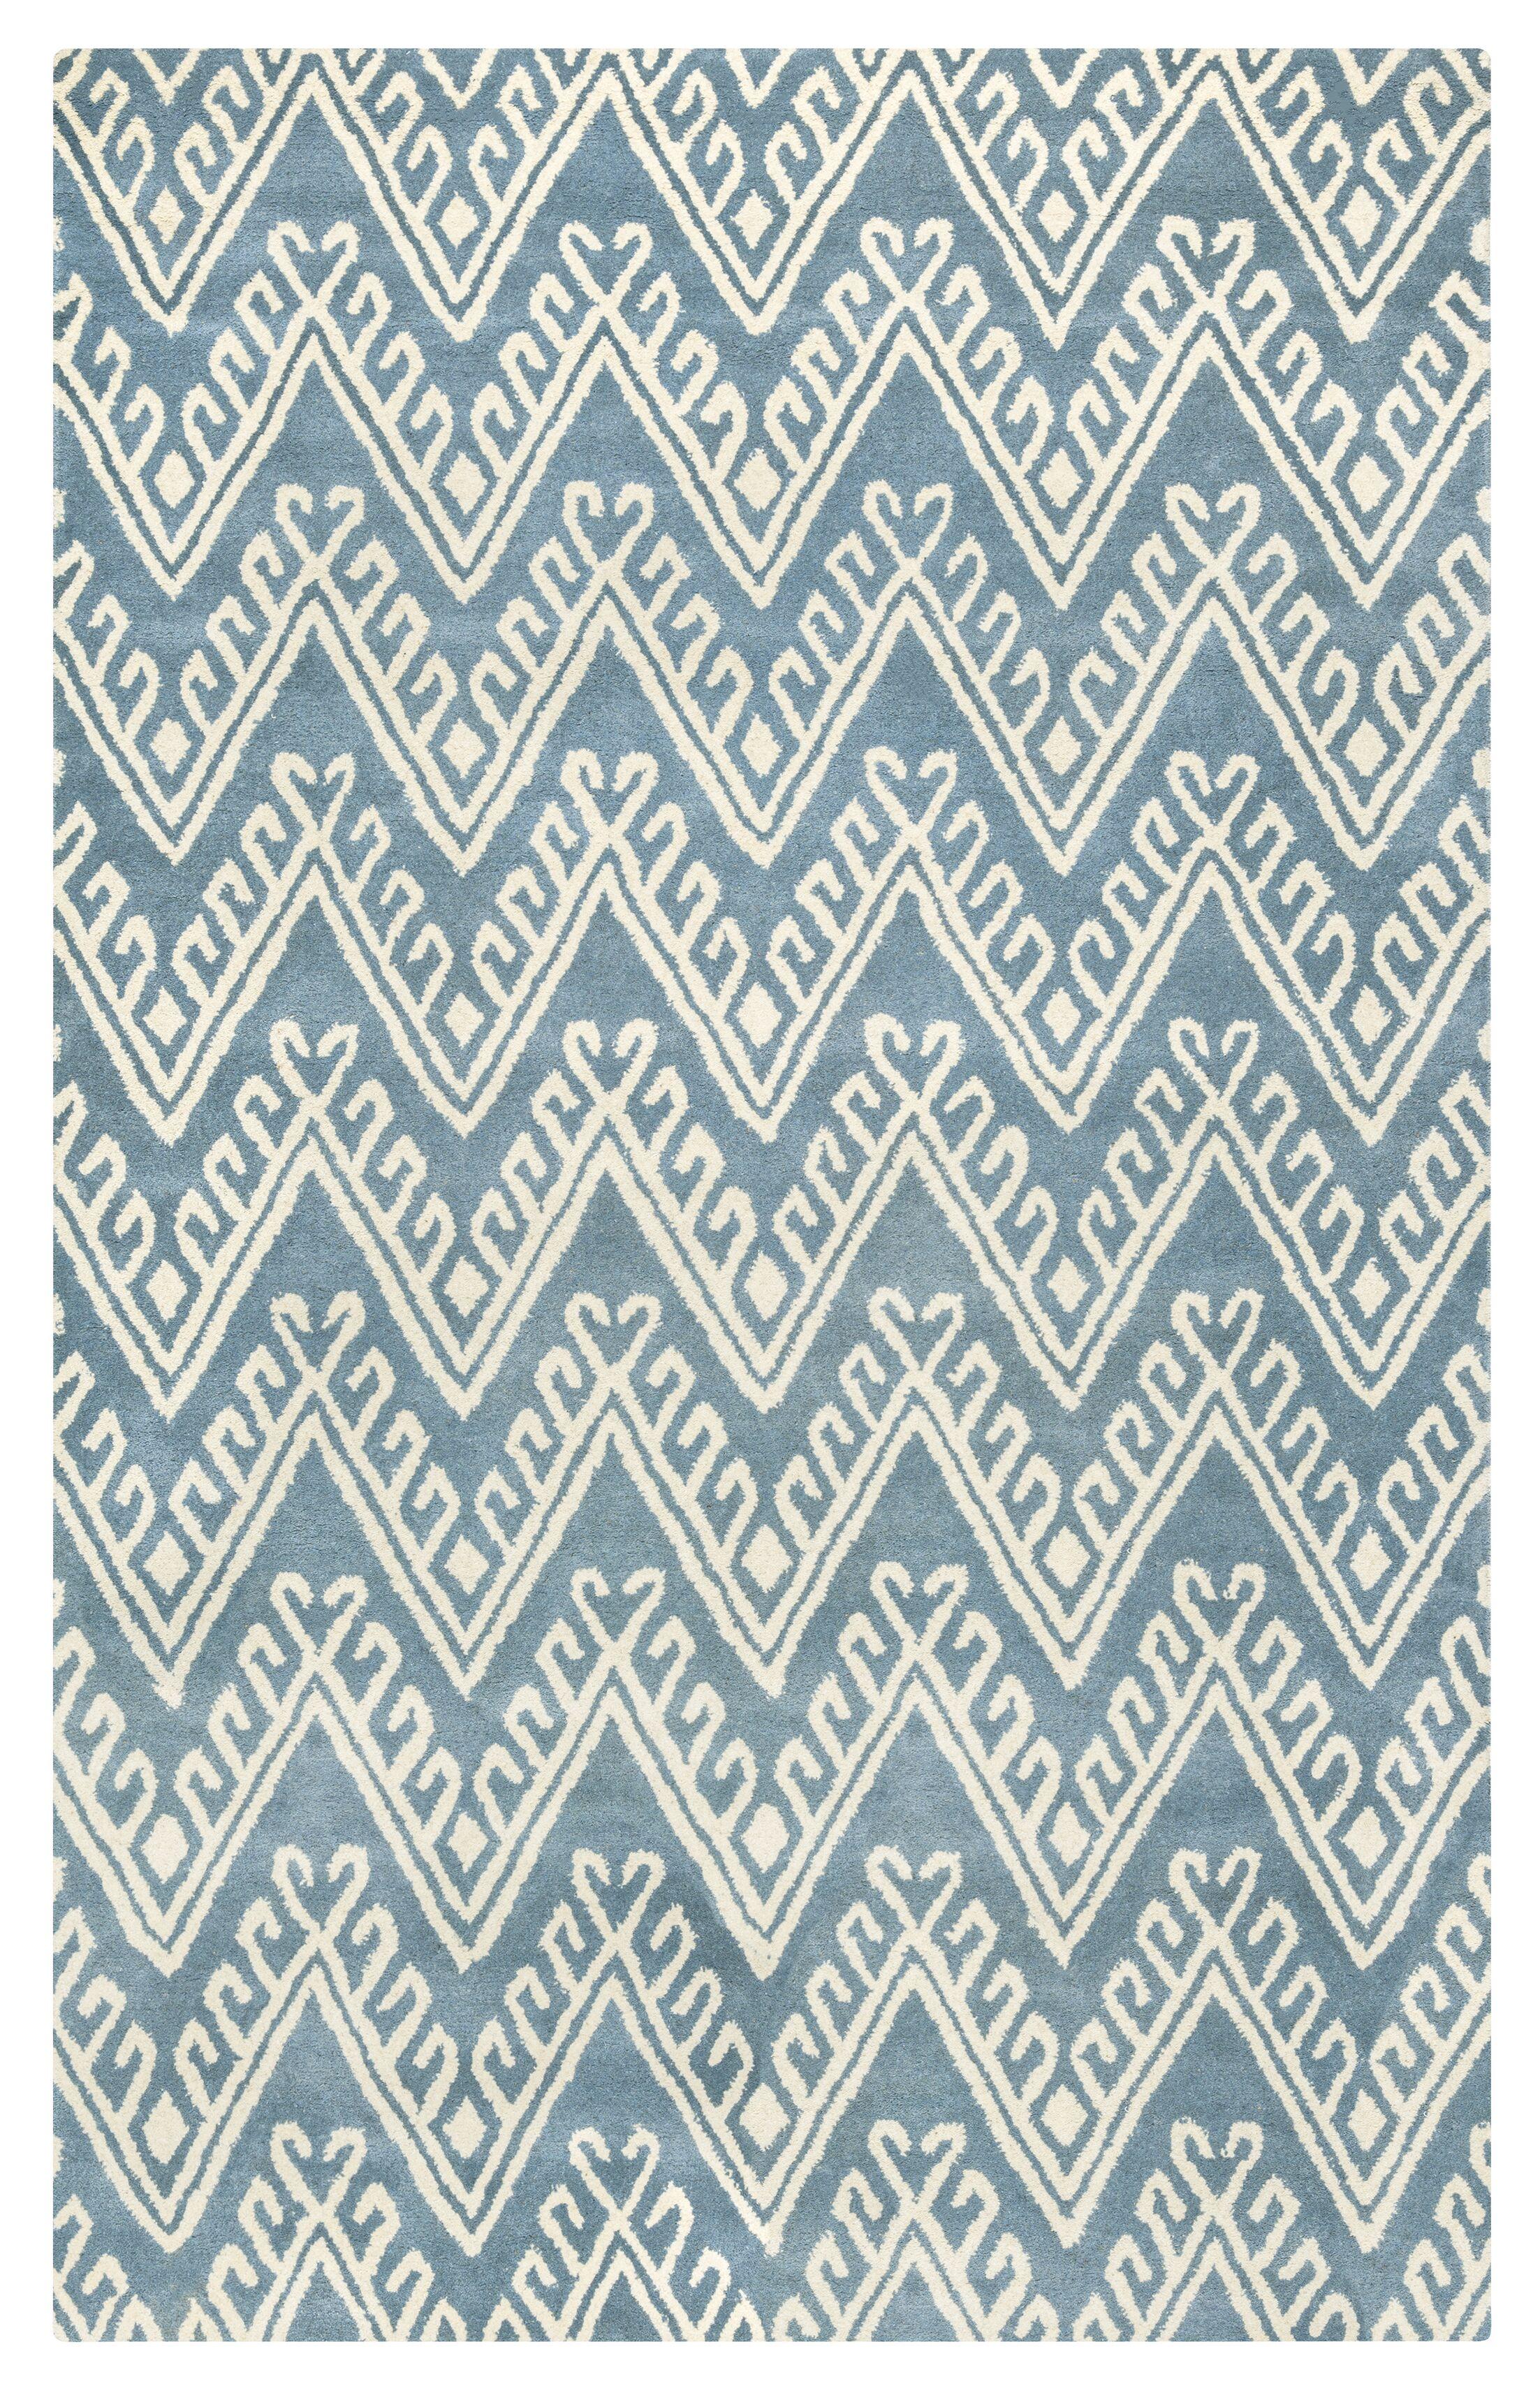 Santander Hand-Tufted Grey/Beige Area Rug Rug Size: Runner 2'6